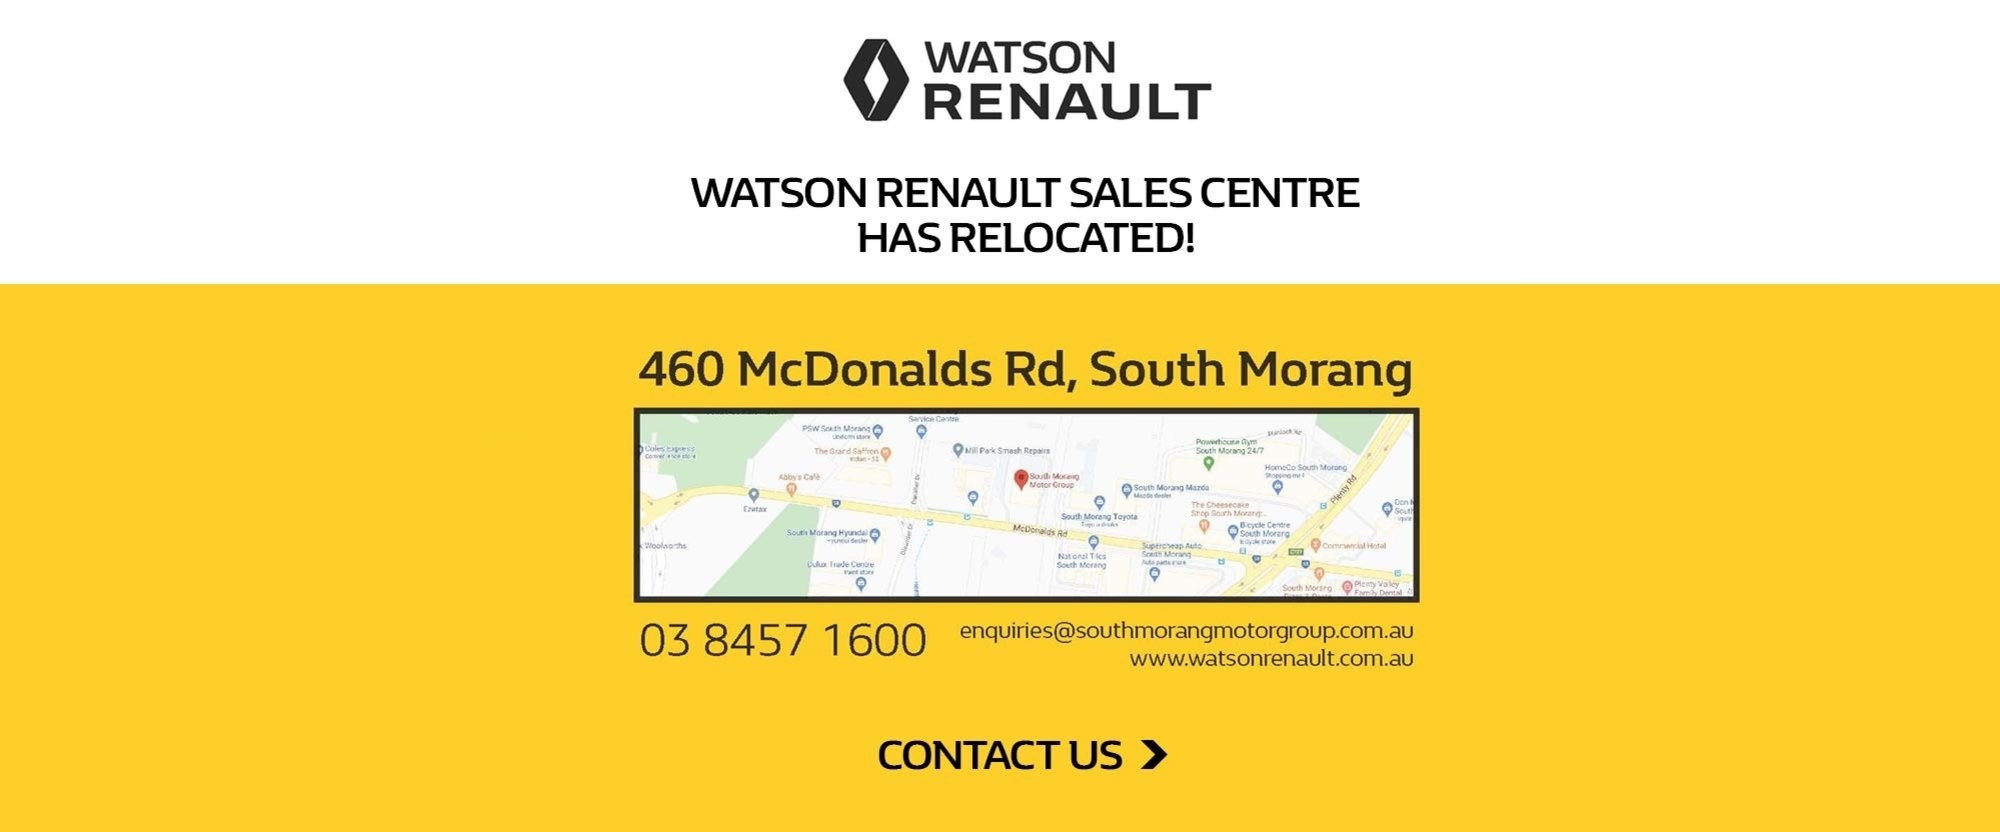 Watson Renault